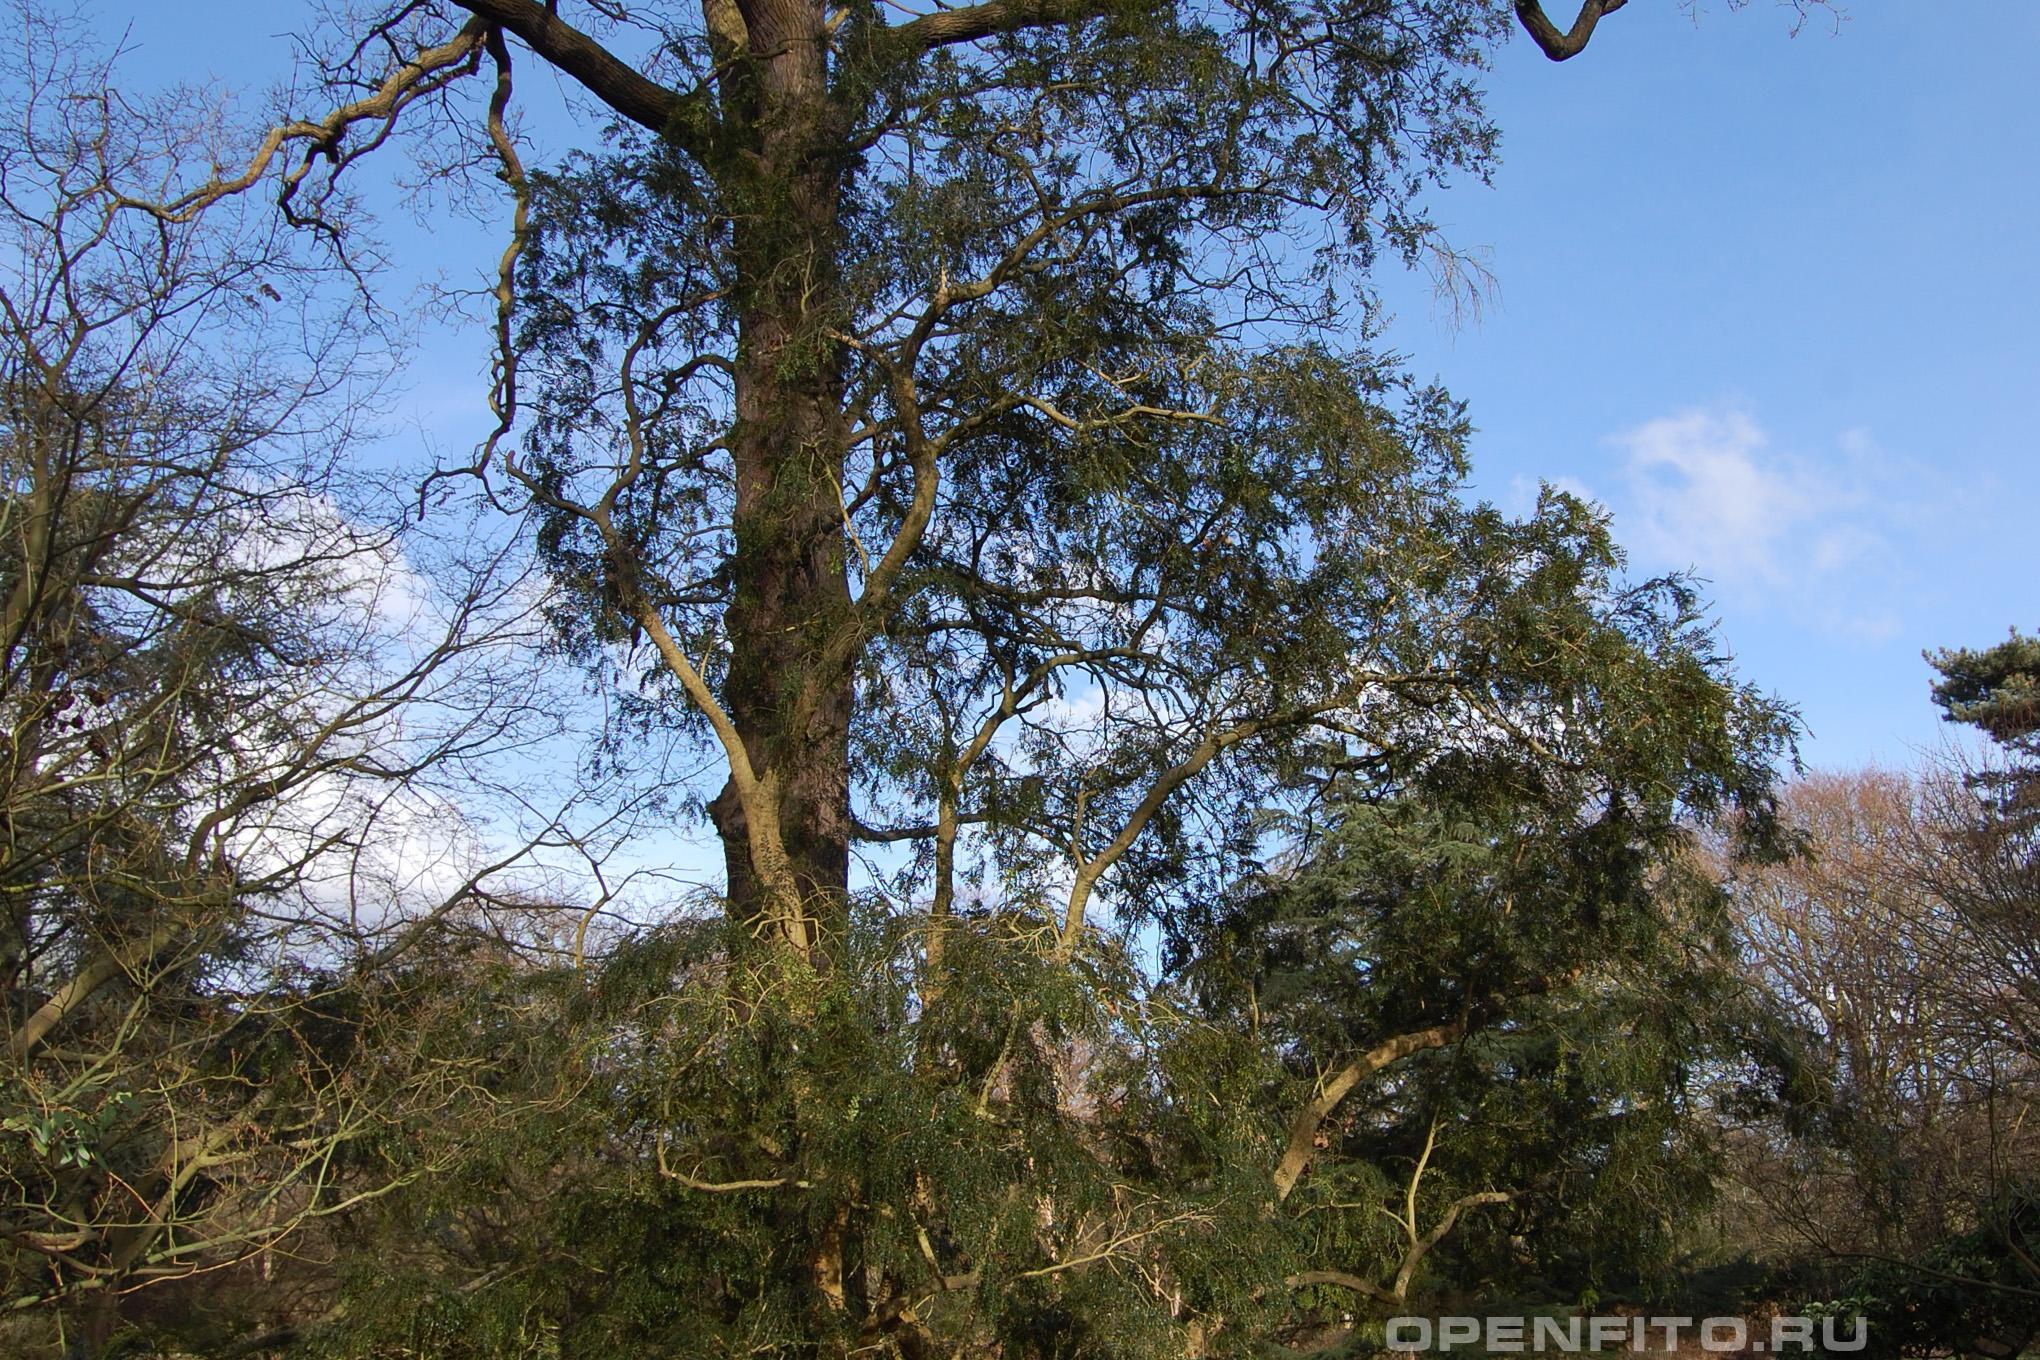 Азара мелколистная нижняя часть дерева